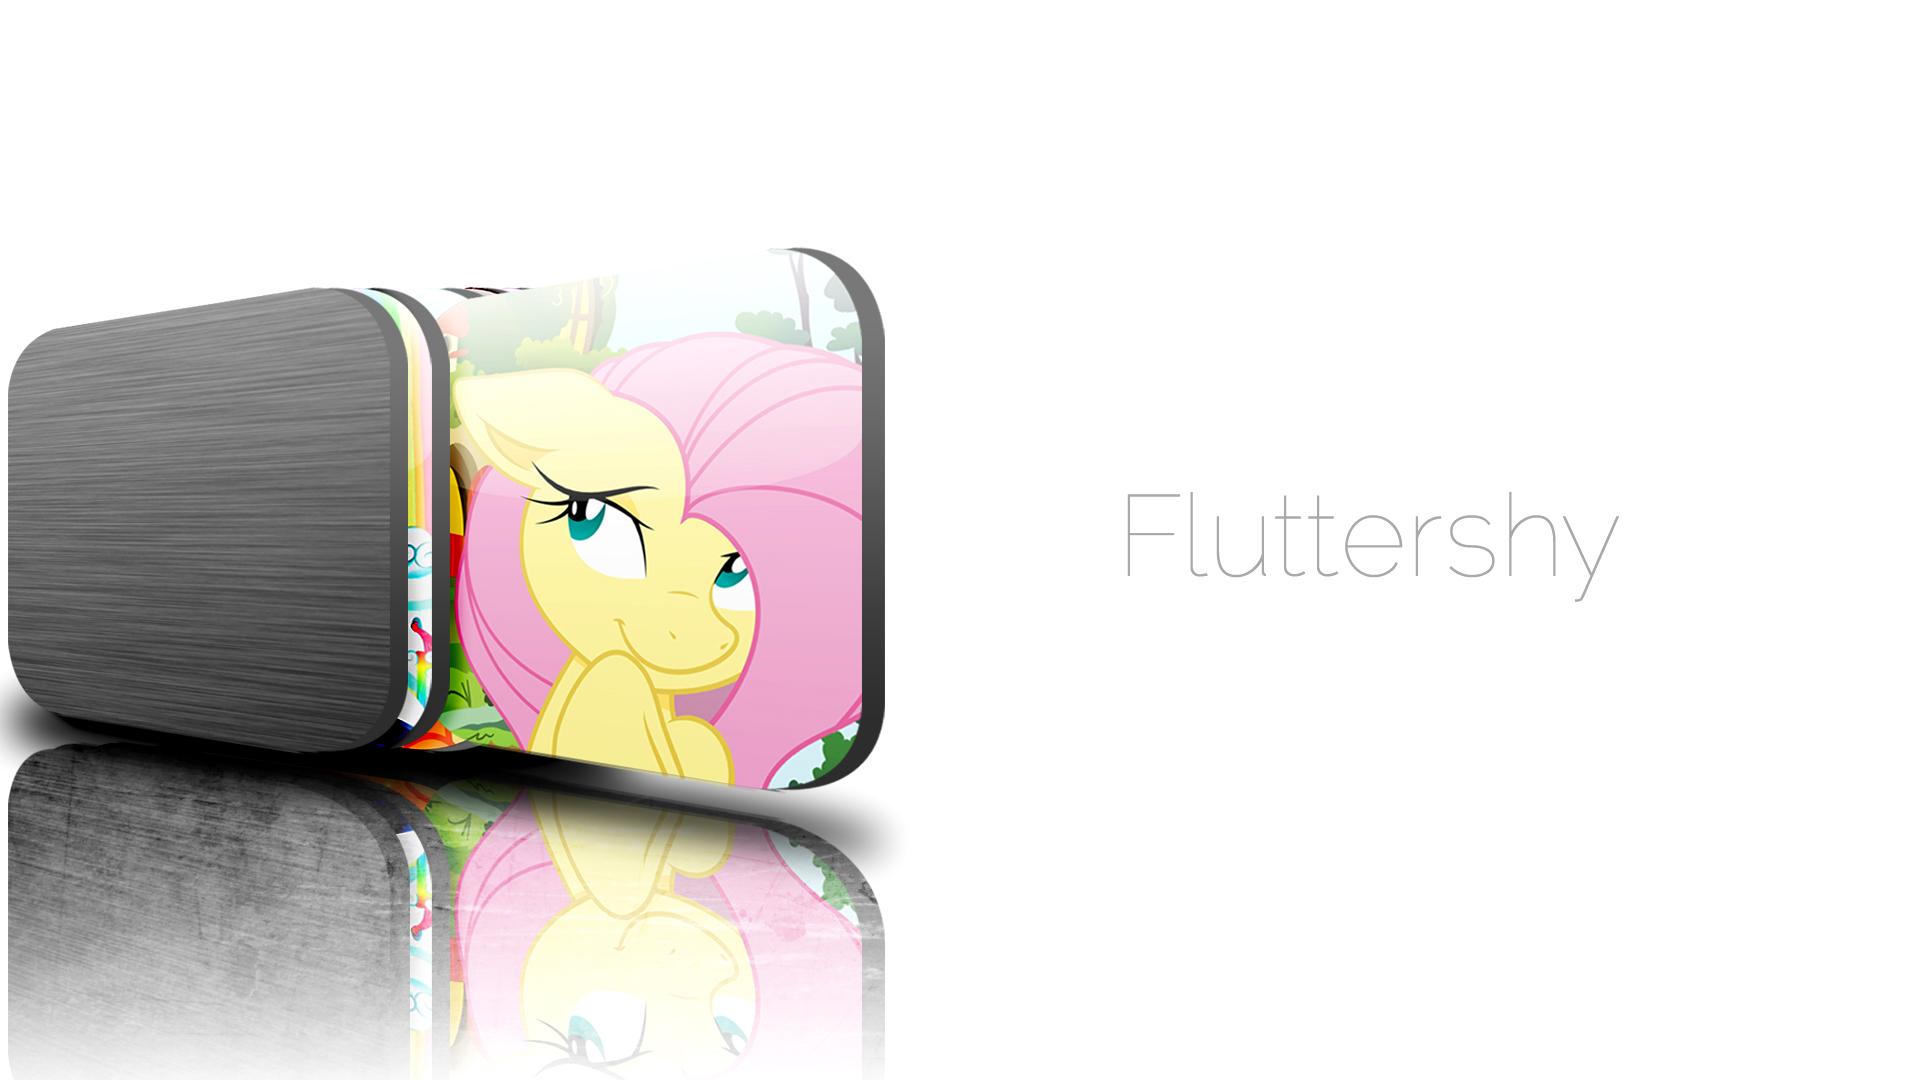 JD Fluttershy wallpaper by InternationalTCK and Joey-Darkmeat